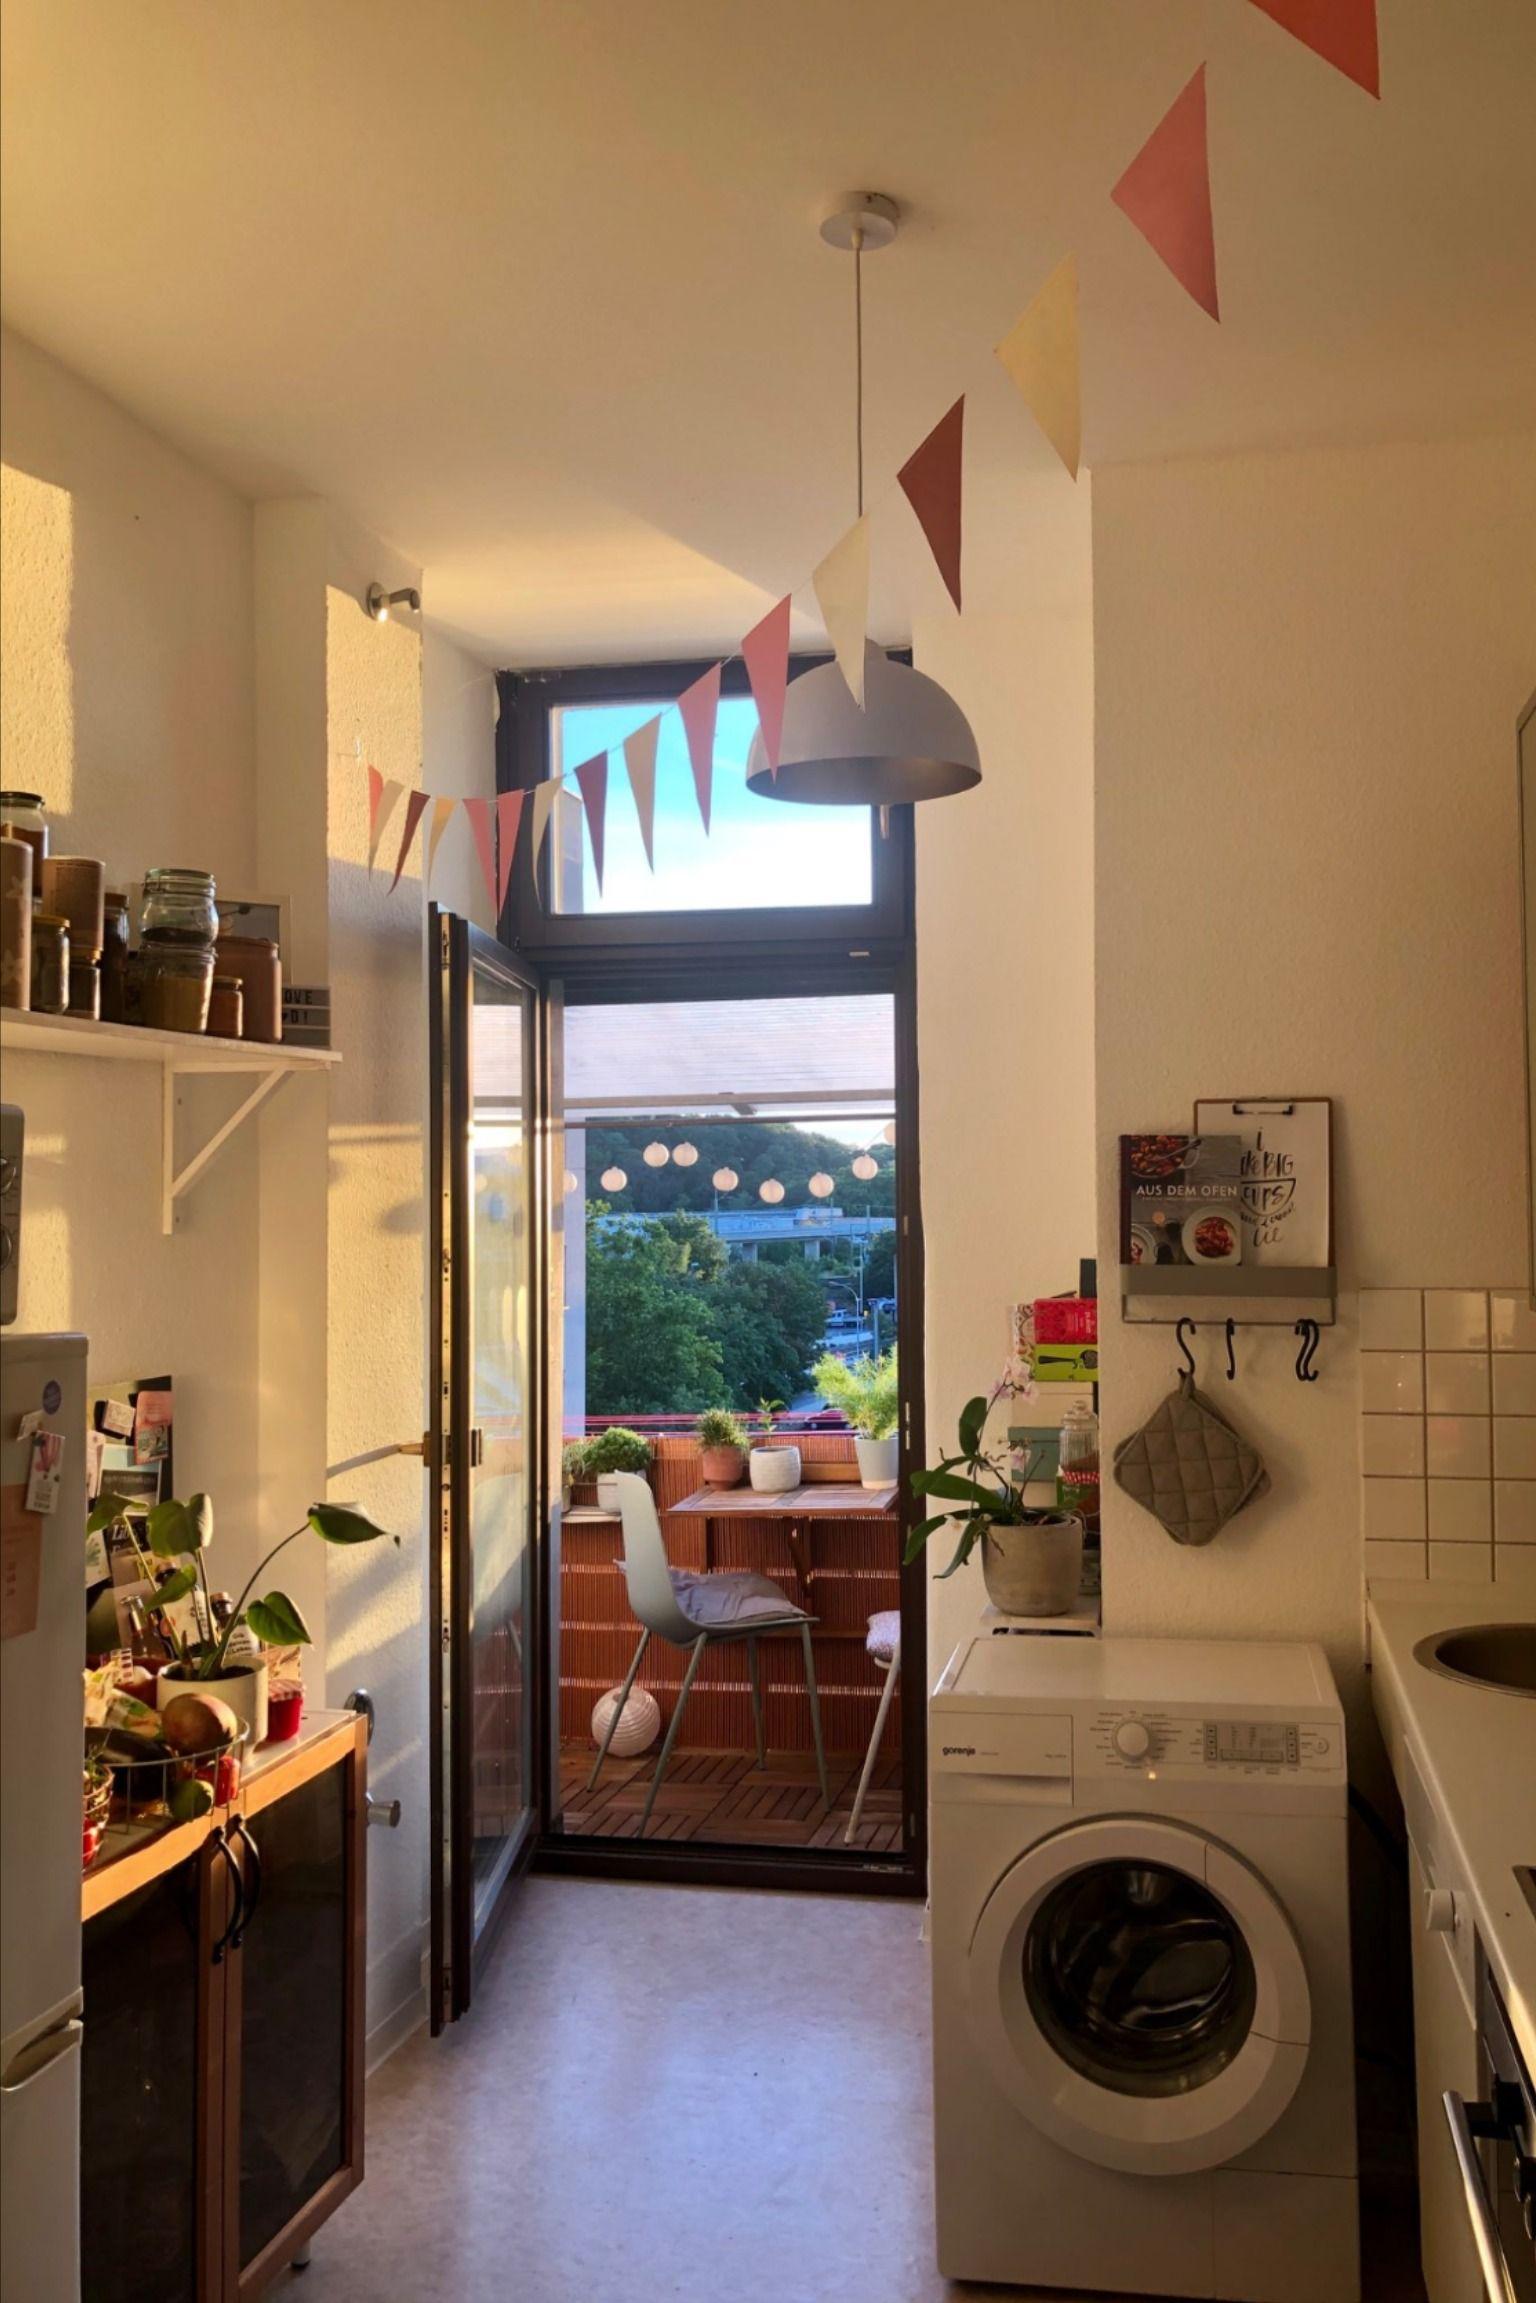 Kuchentraum Mit Balkon Zugang In 2021 Kuchen Inspiration Kleine Kuche Kuche Einrichten